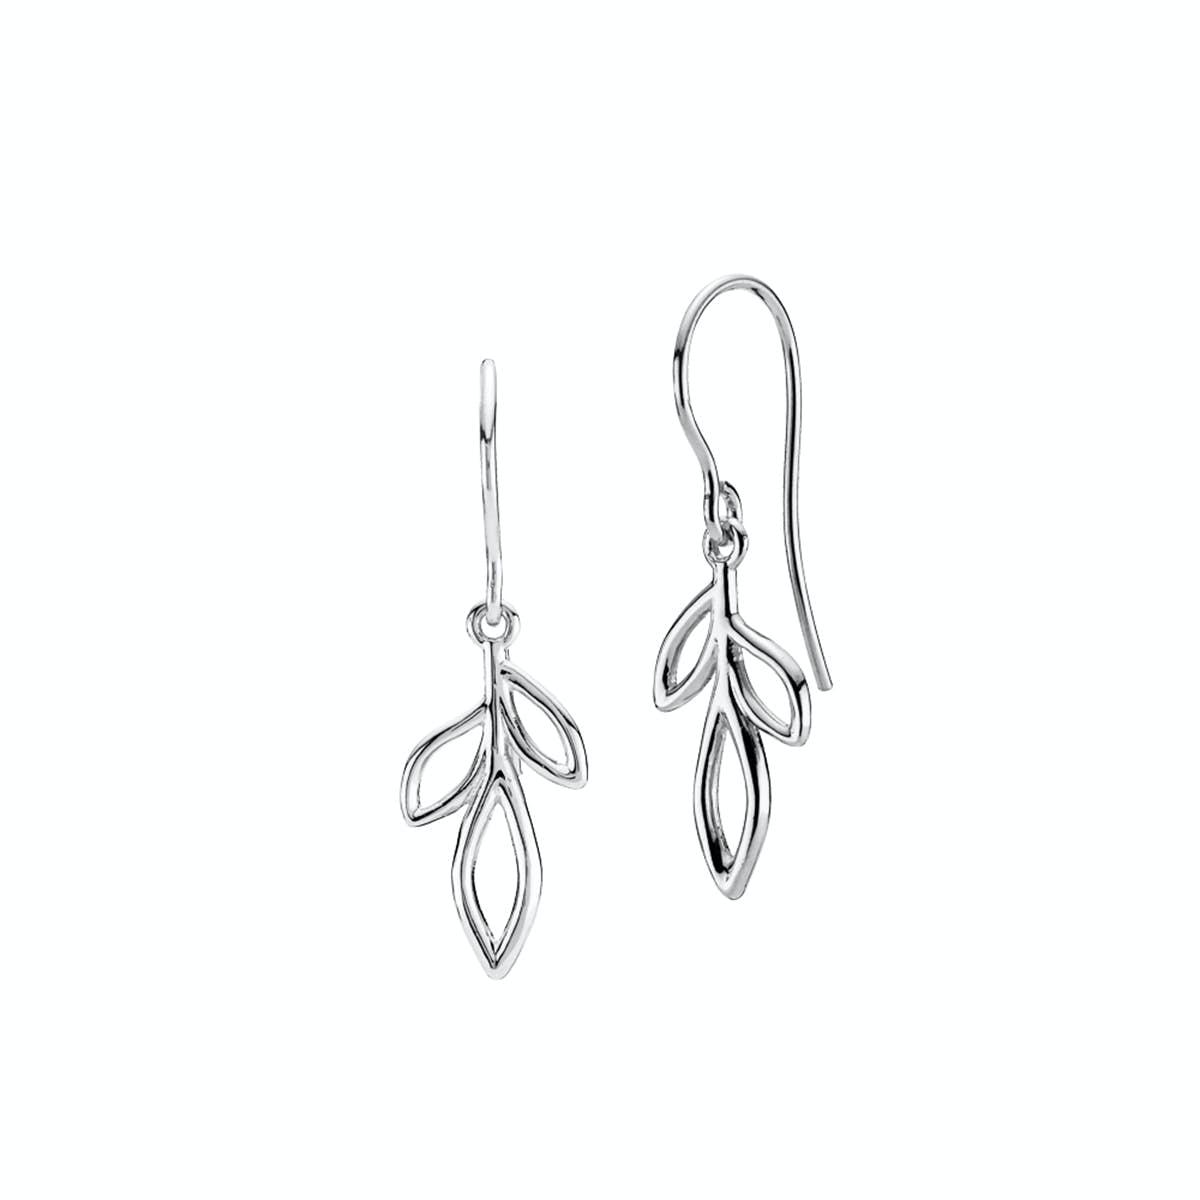 Dreamy Earrings Medium fra Izabel Camille i Sølv Sterling 925